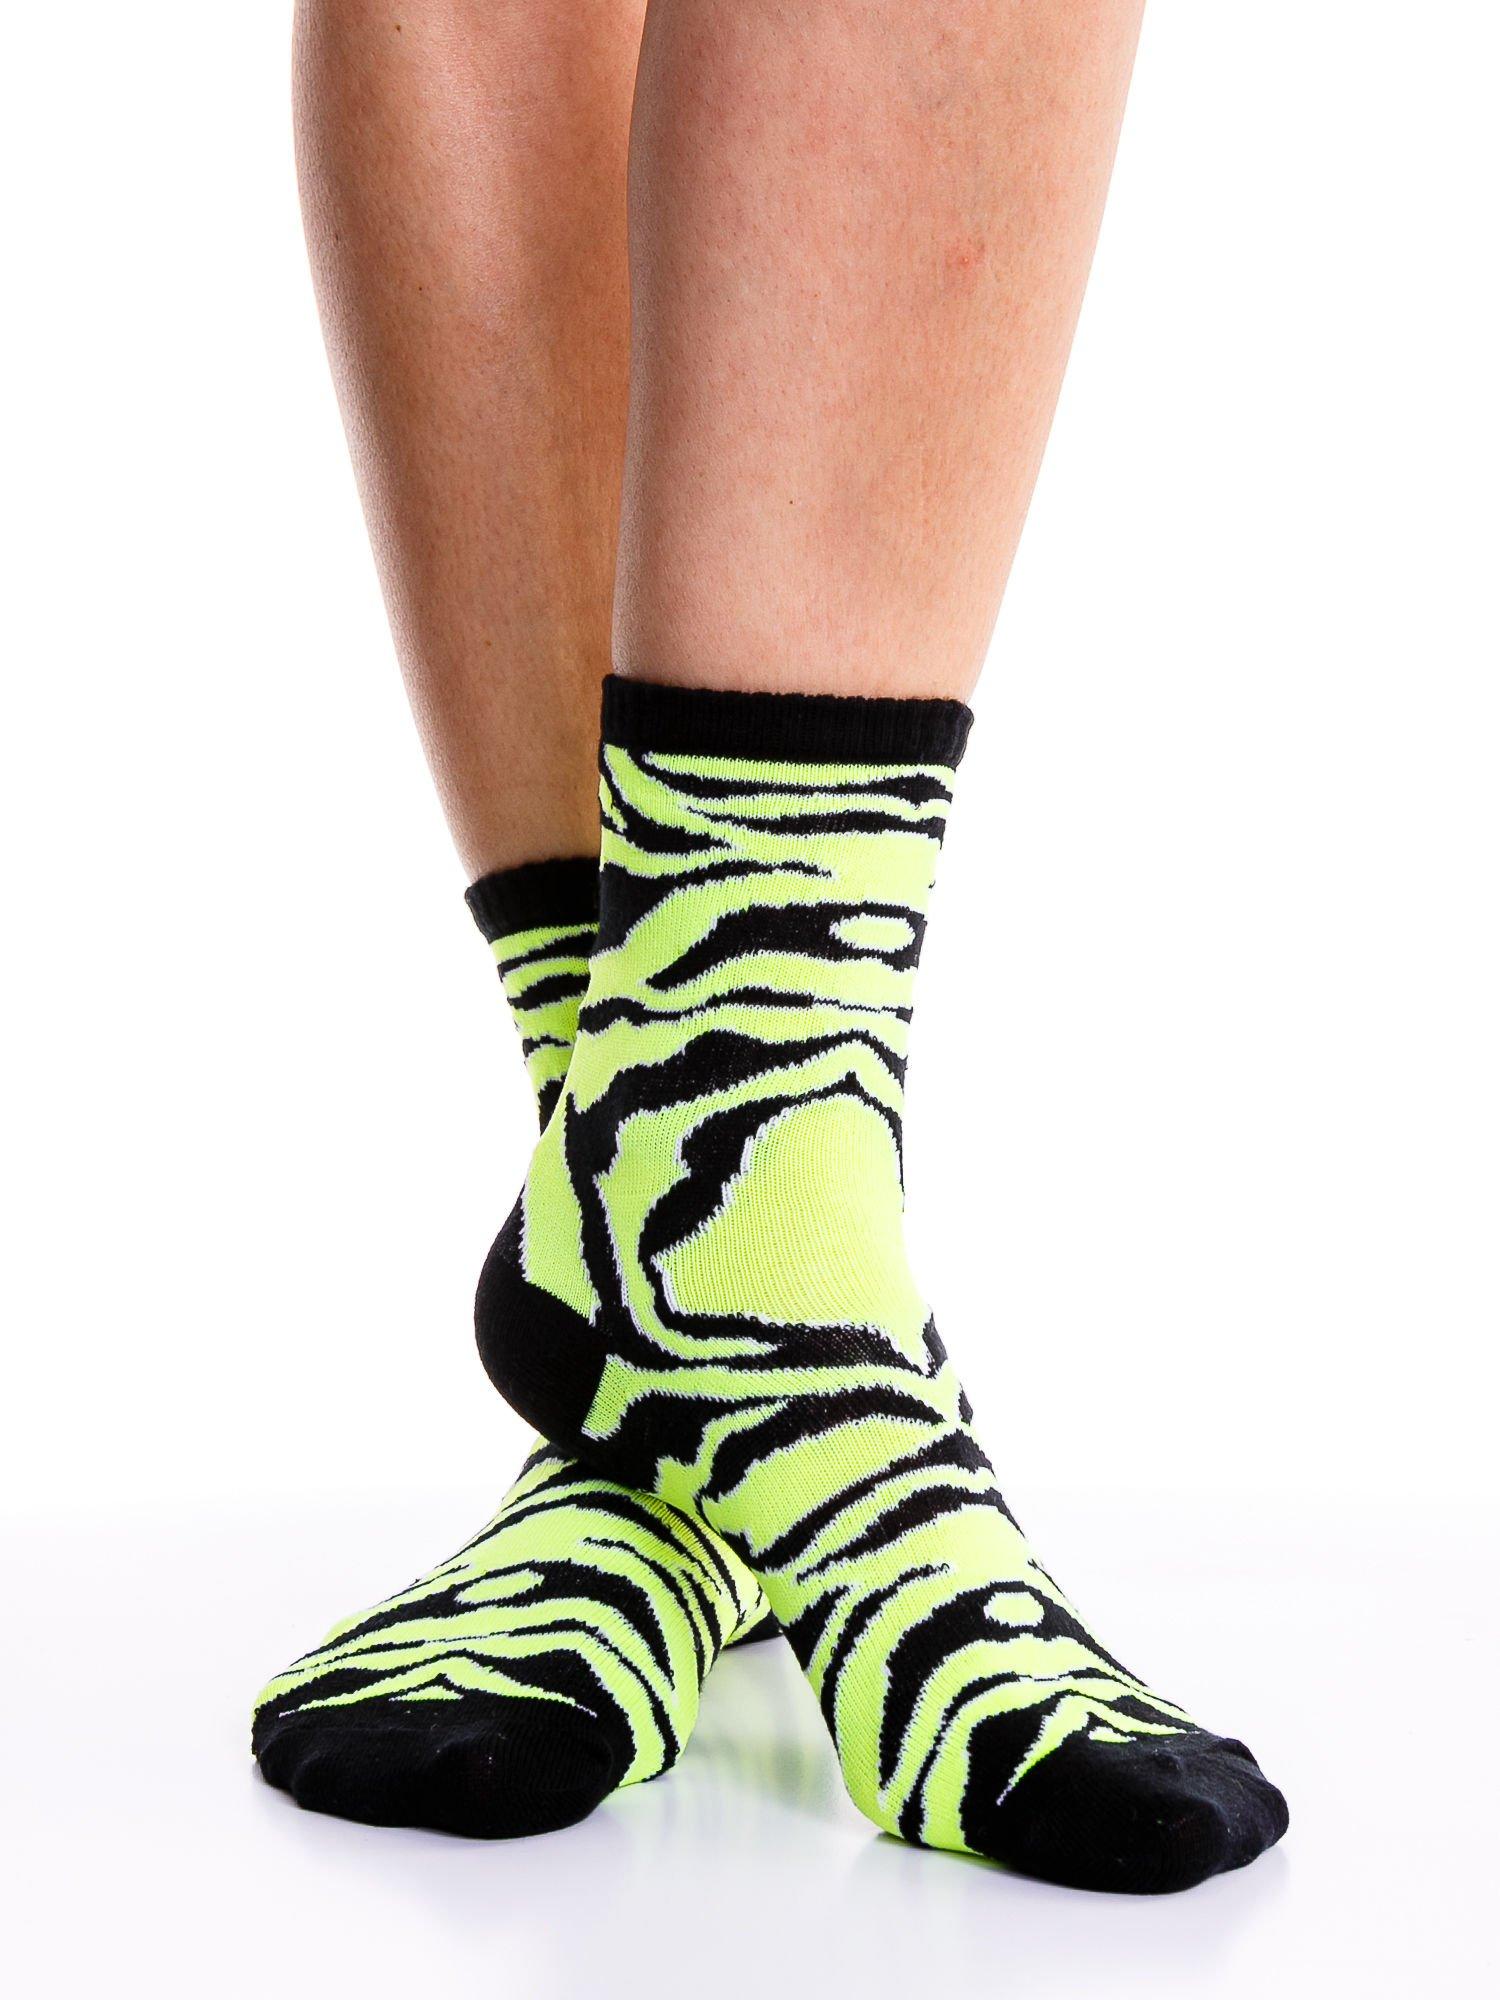 Skarpetki damskie zielona zebra-czarny zestaw 2 pary                                  zdj.                                  2